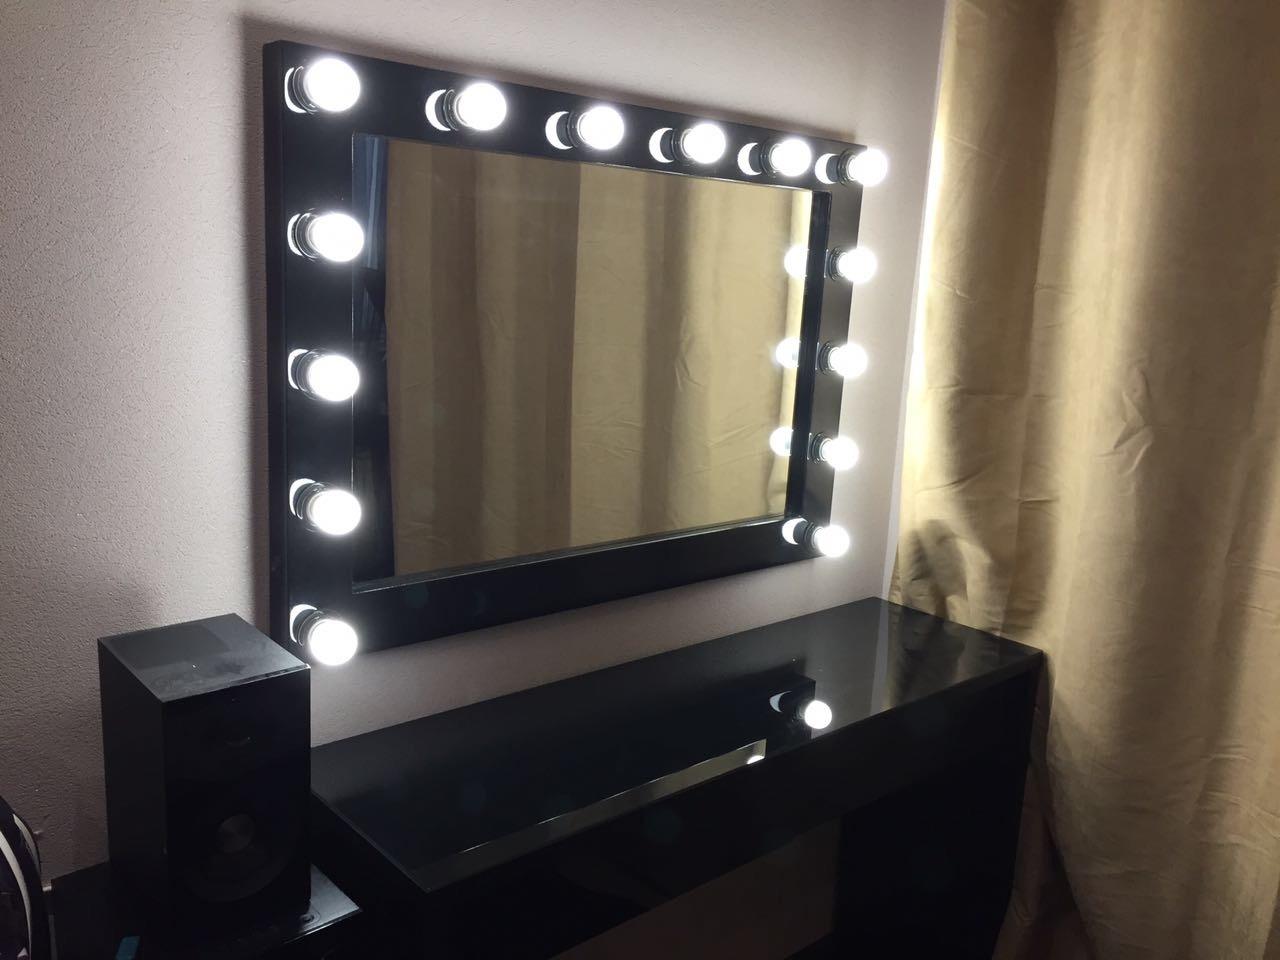 Гримерное зеркало рама мдф черный глянец выключатель справа провод 2 метра